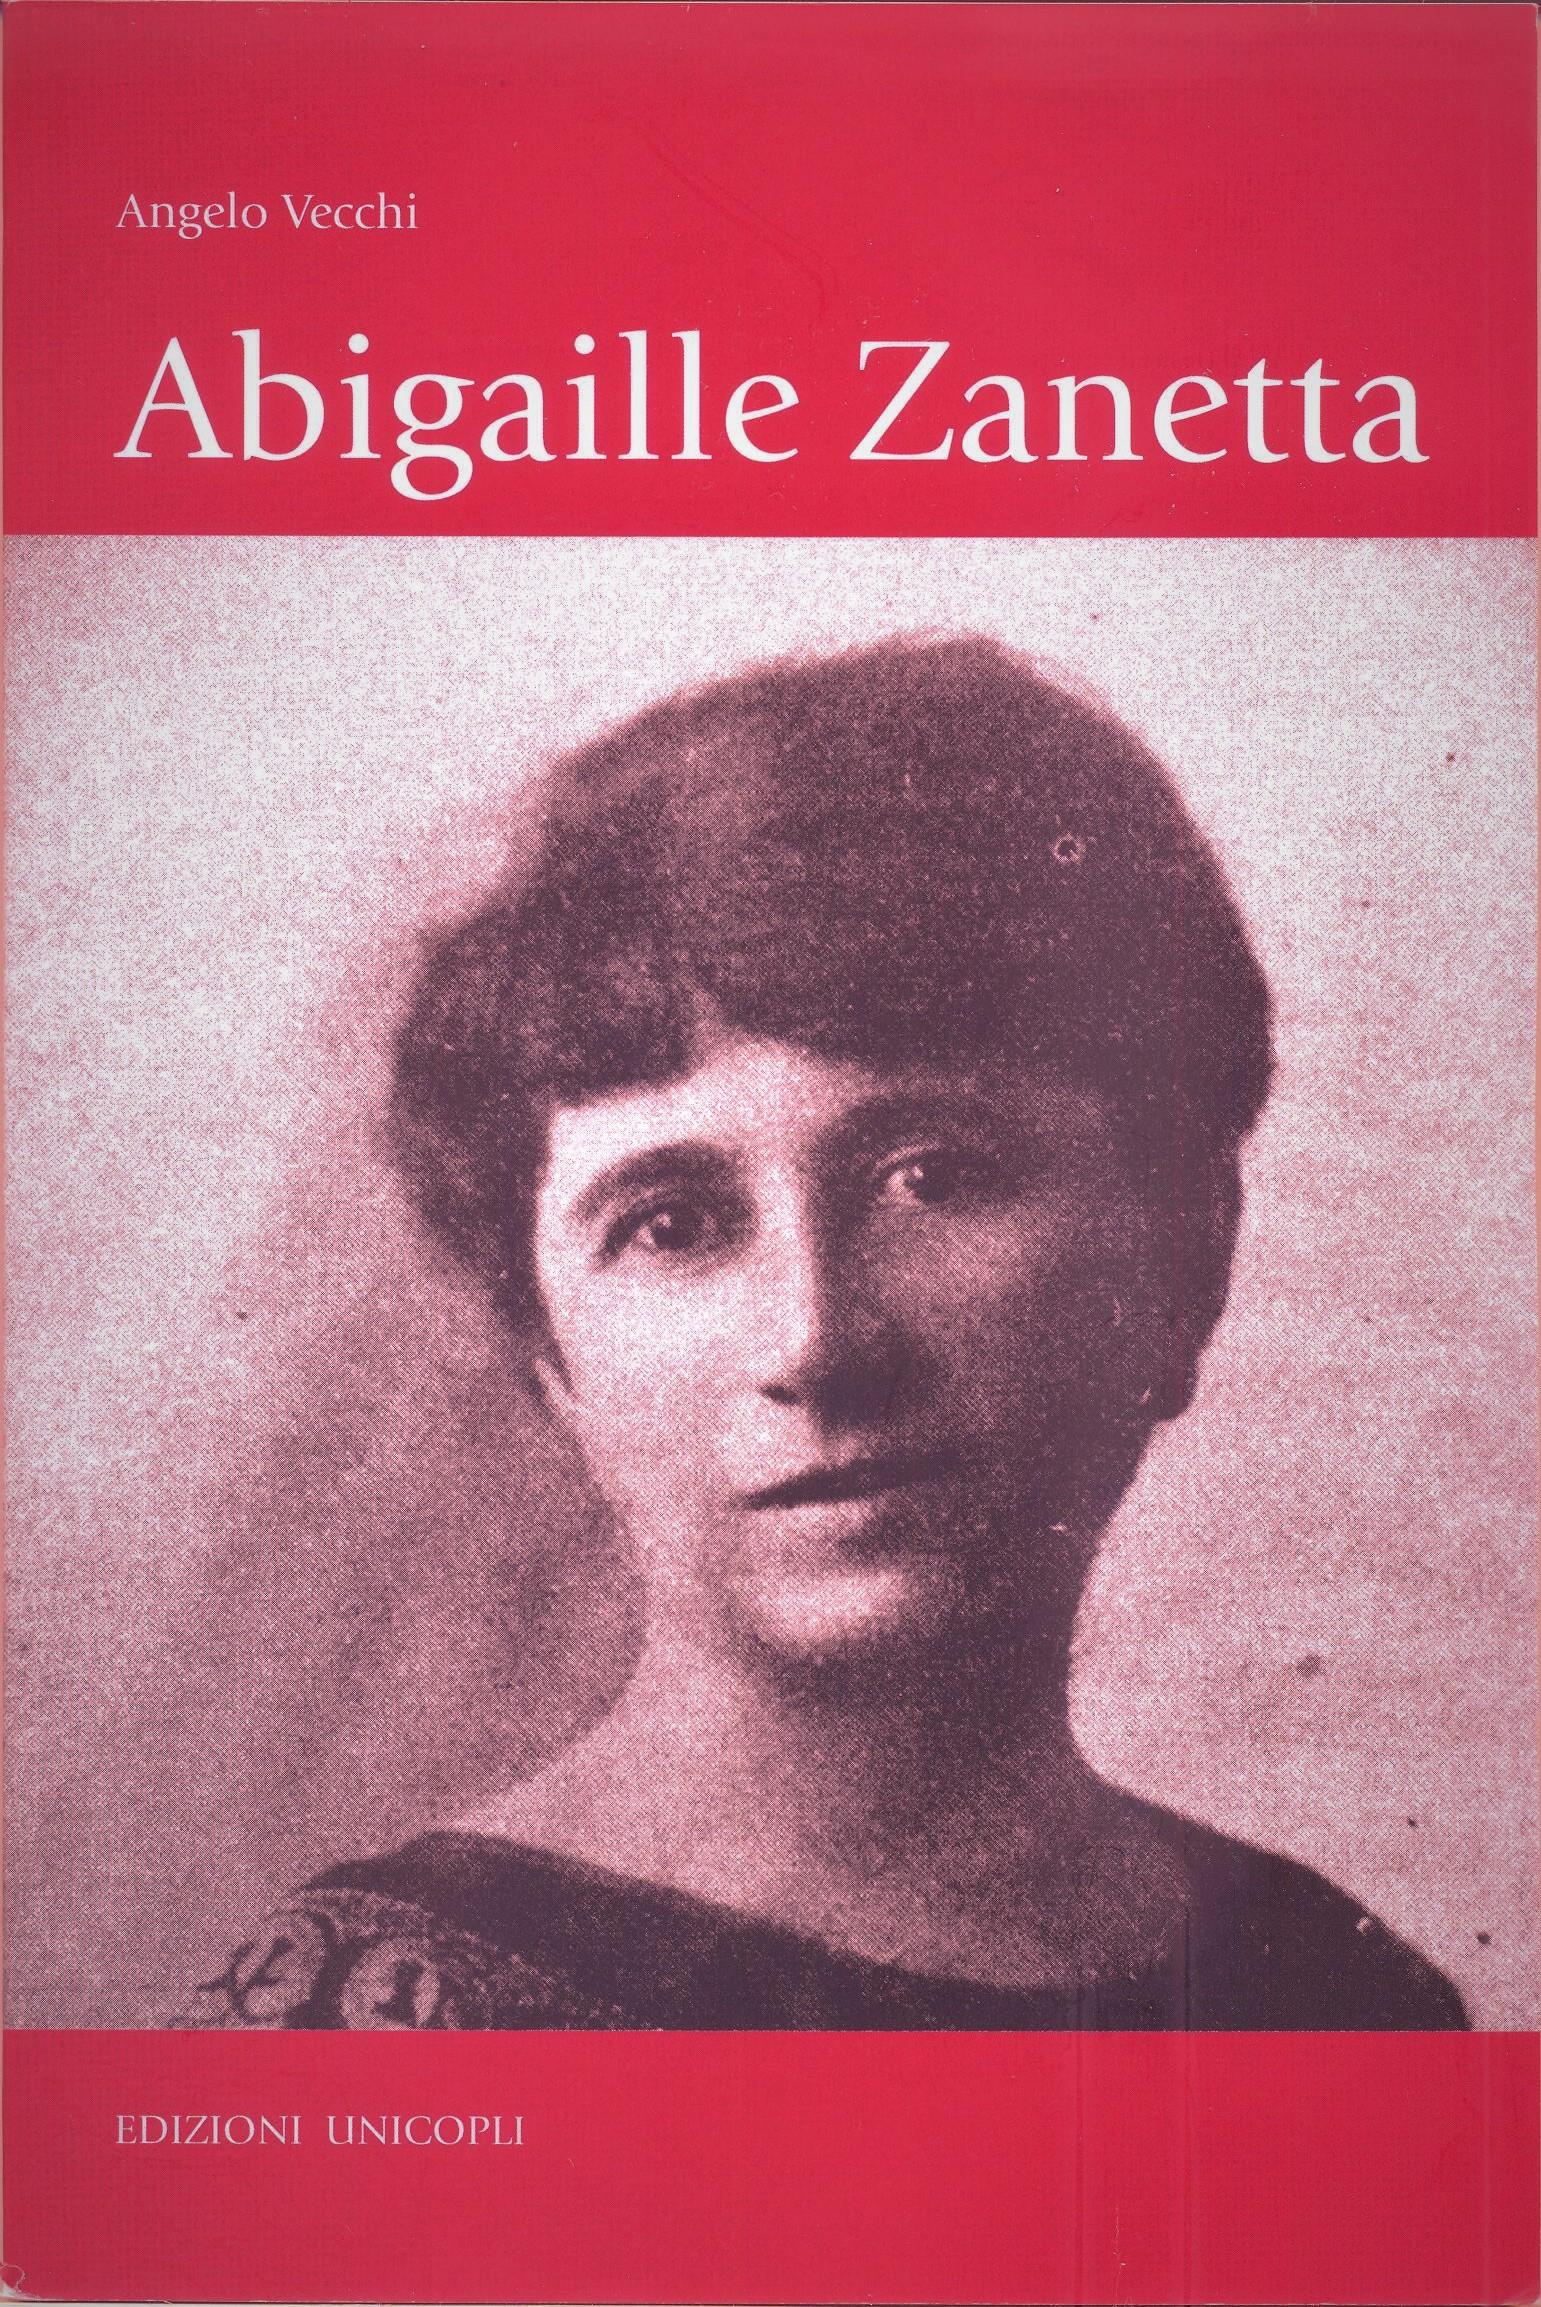 Abigaille Zanetta